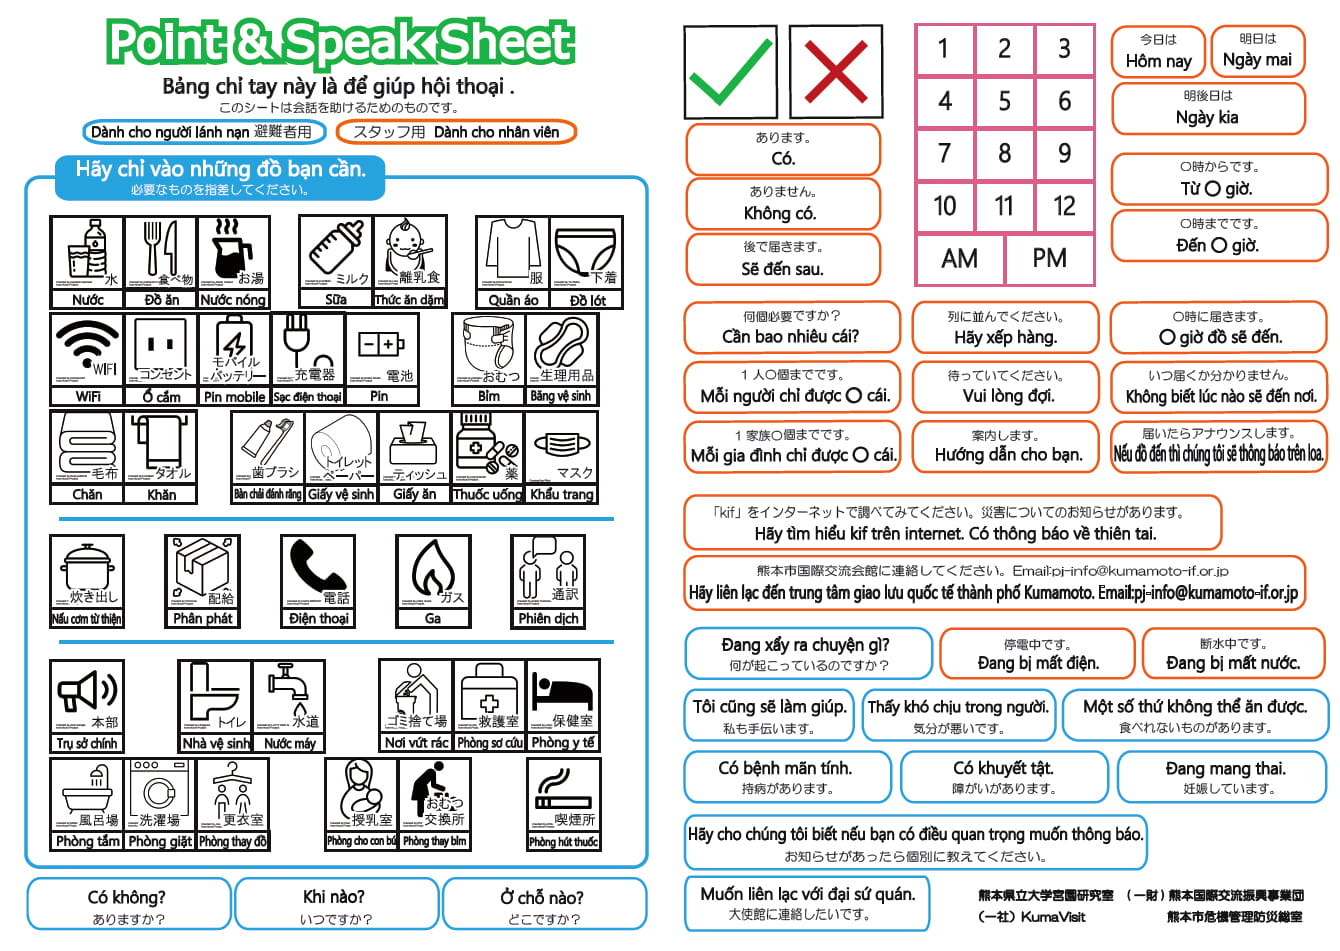 Point & Speak Sheet in Vietnamese